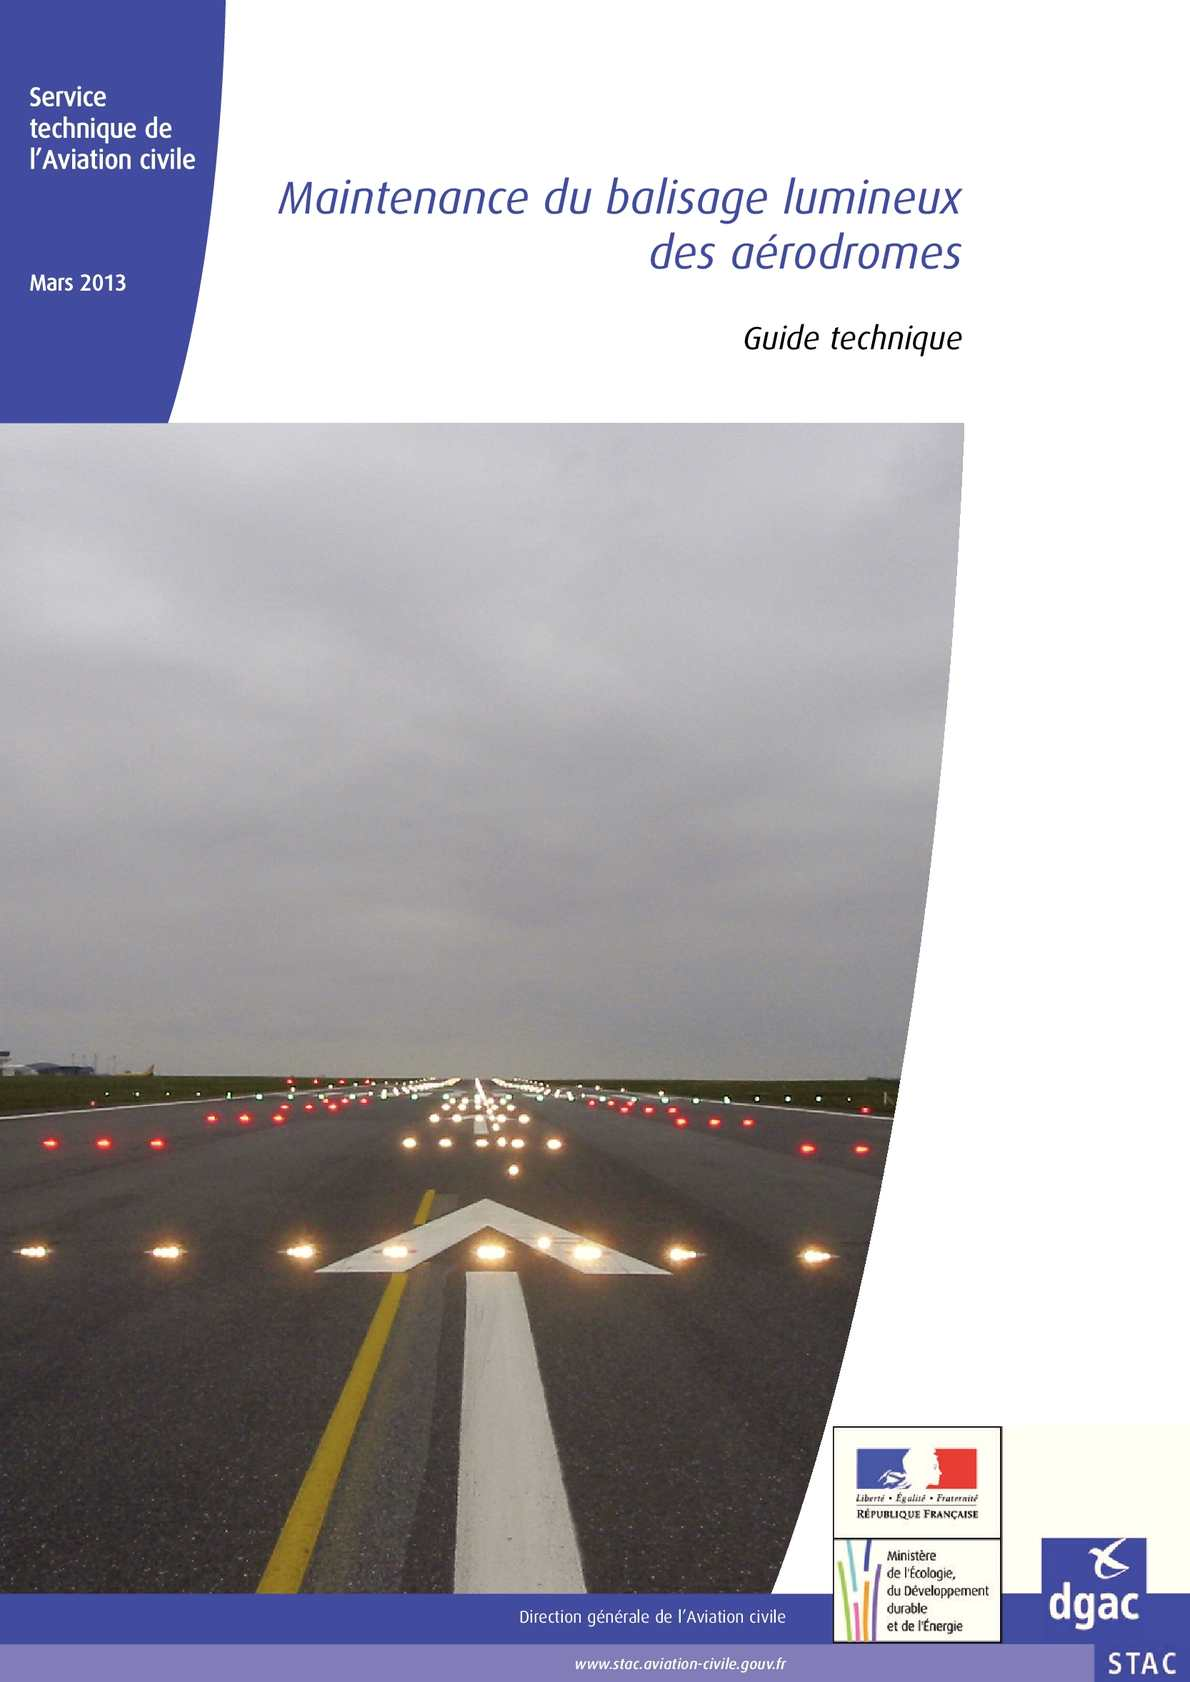 Maintenance du balisage lumineux des aérodromes